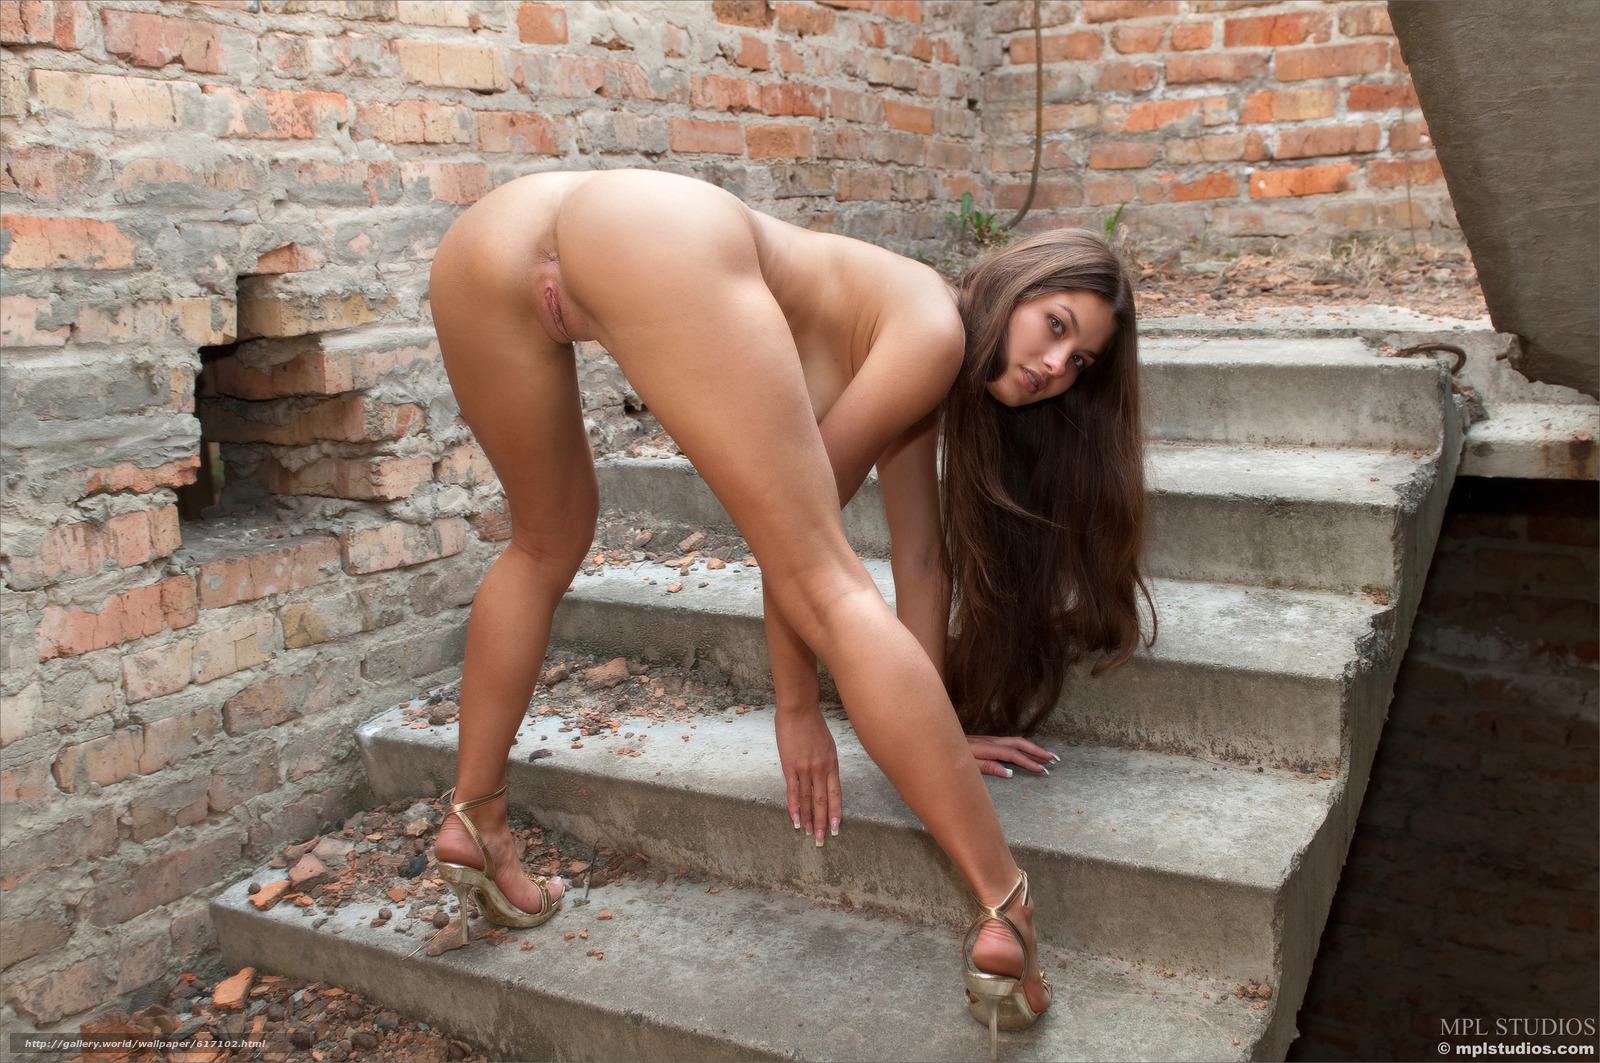 Смотреть бесплатно танци голих девчонок 17 фотография